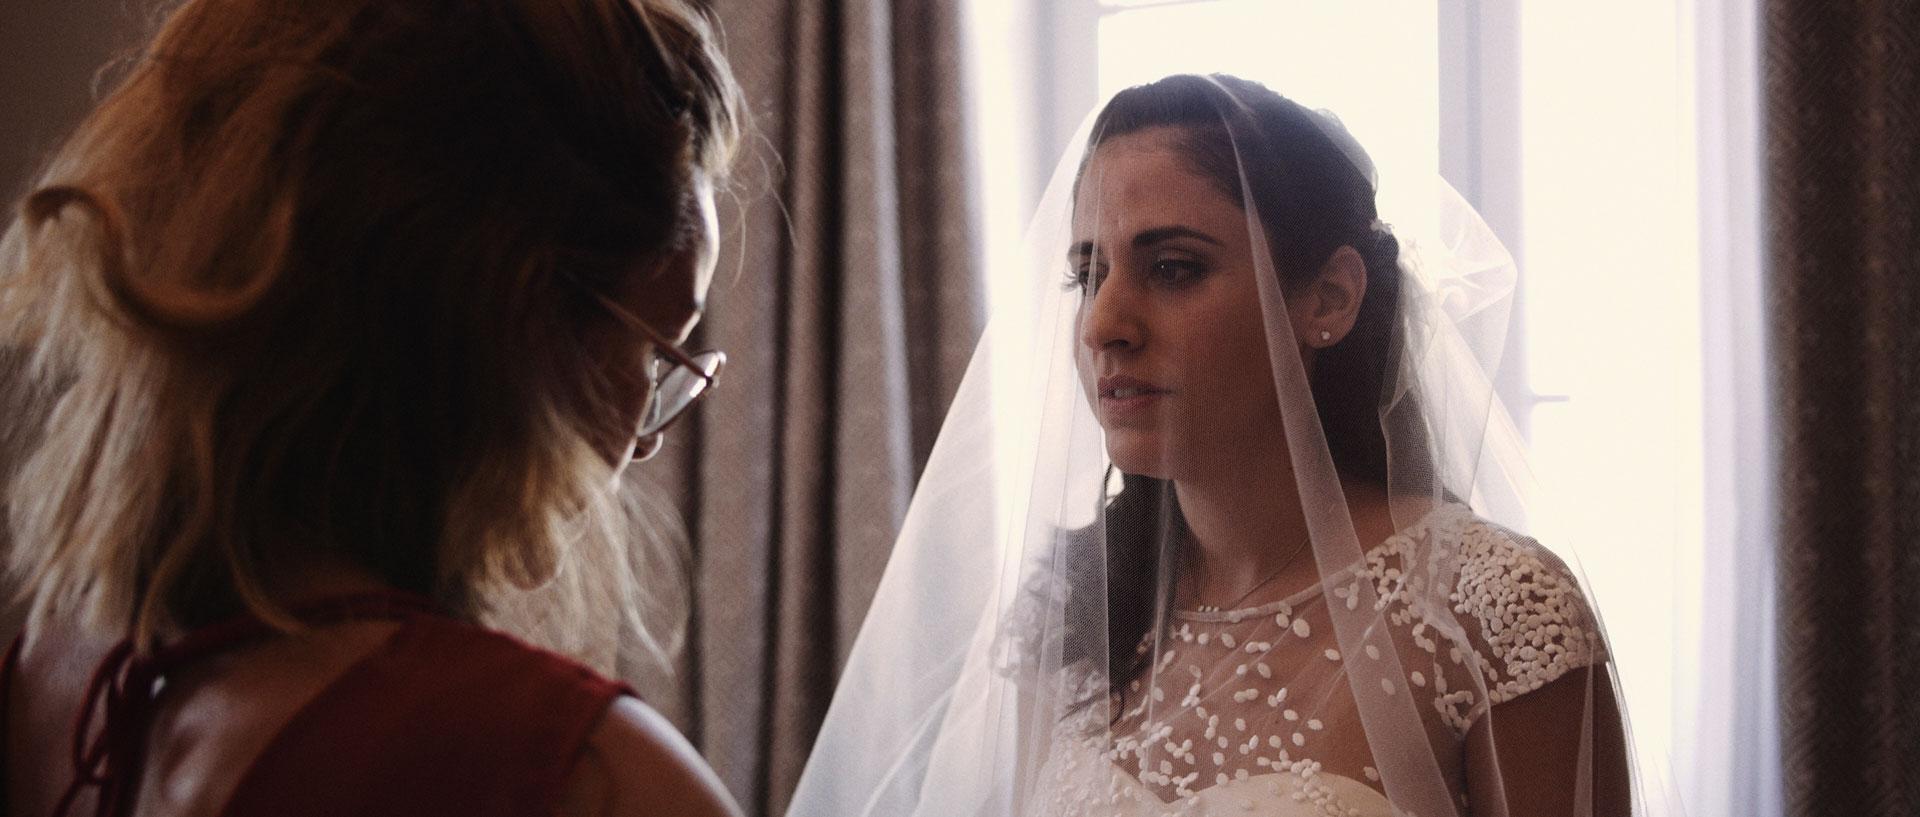 Laurie-&-Kevin---Wedding-Film.00_01_26_13.jpg